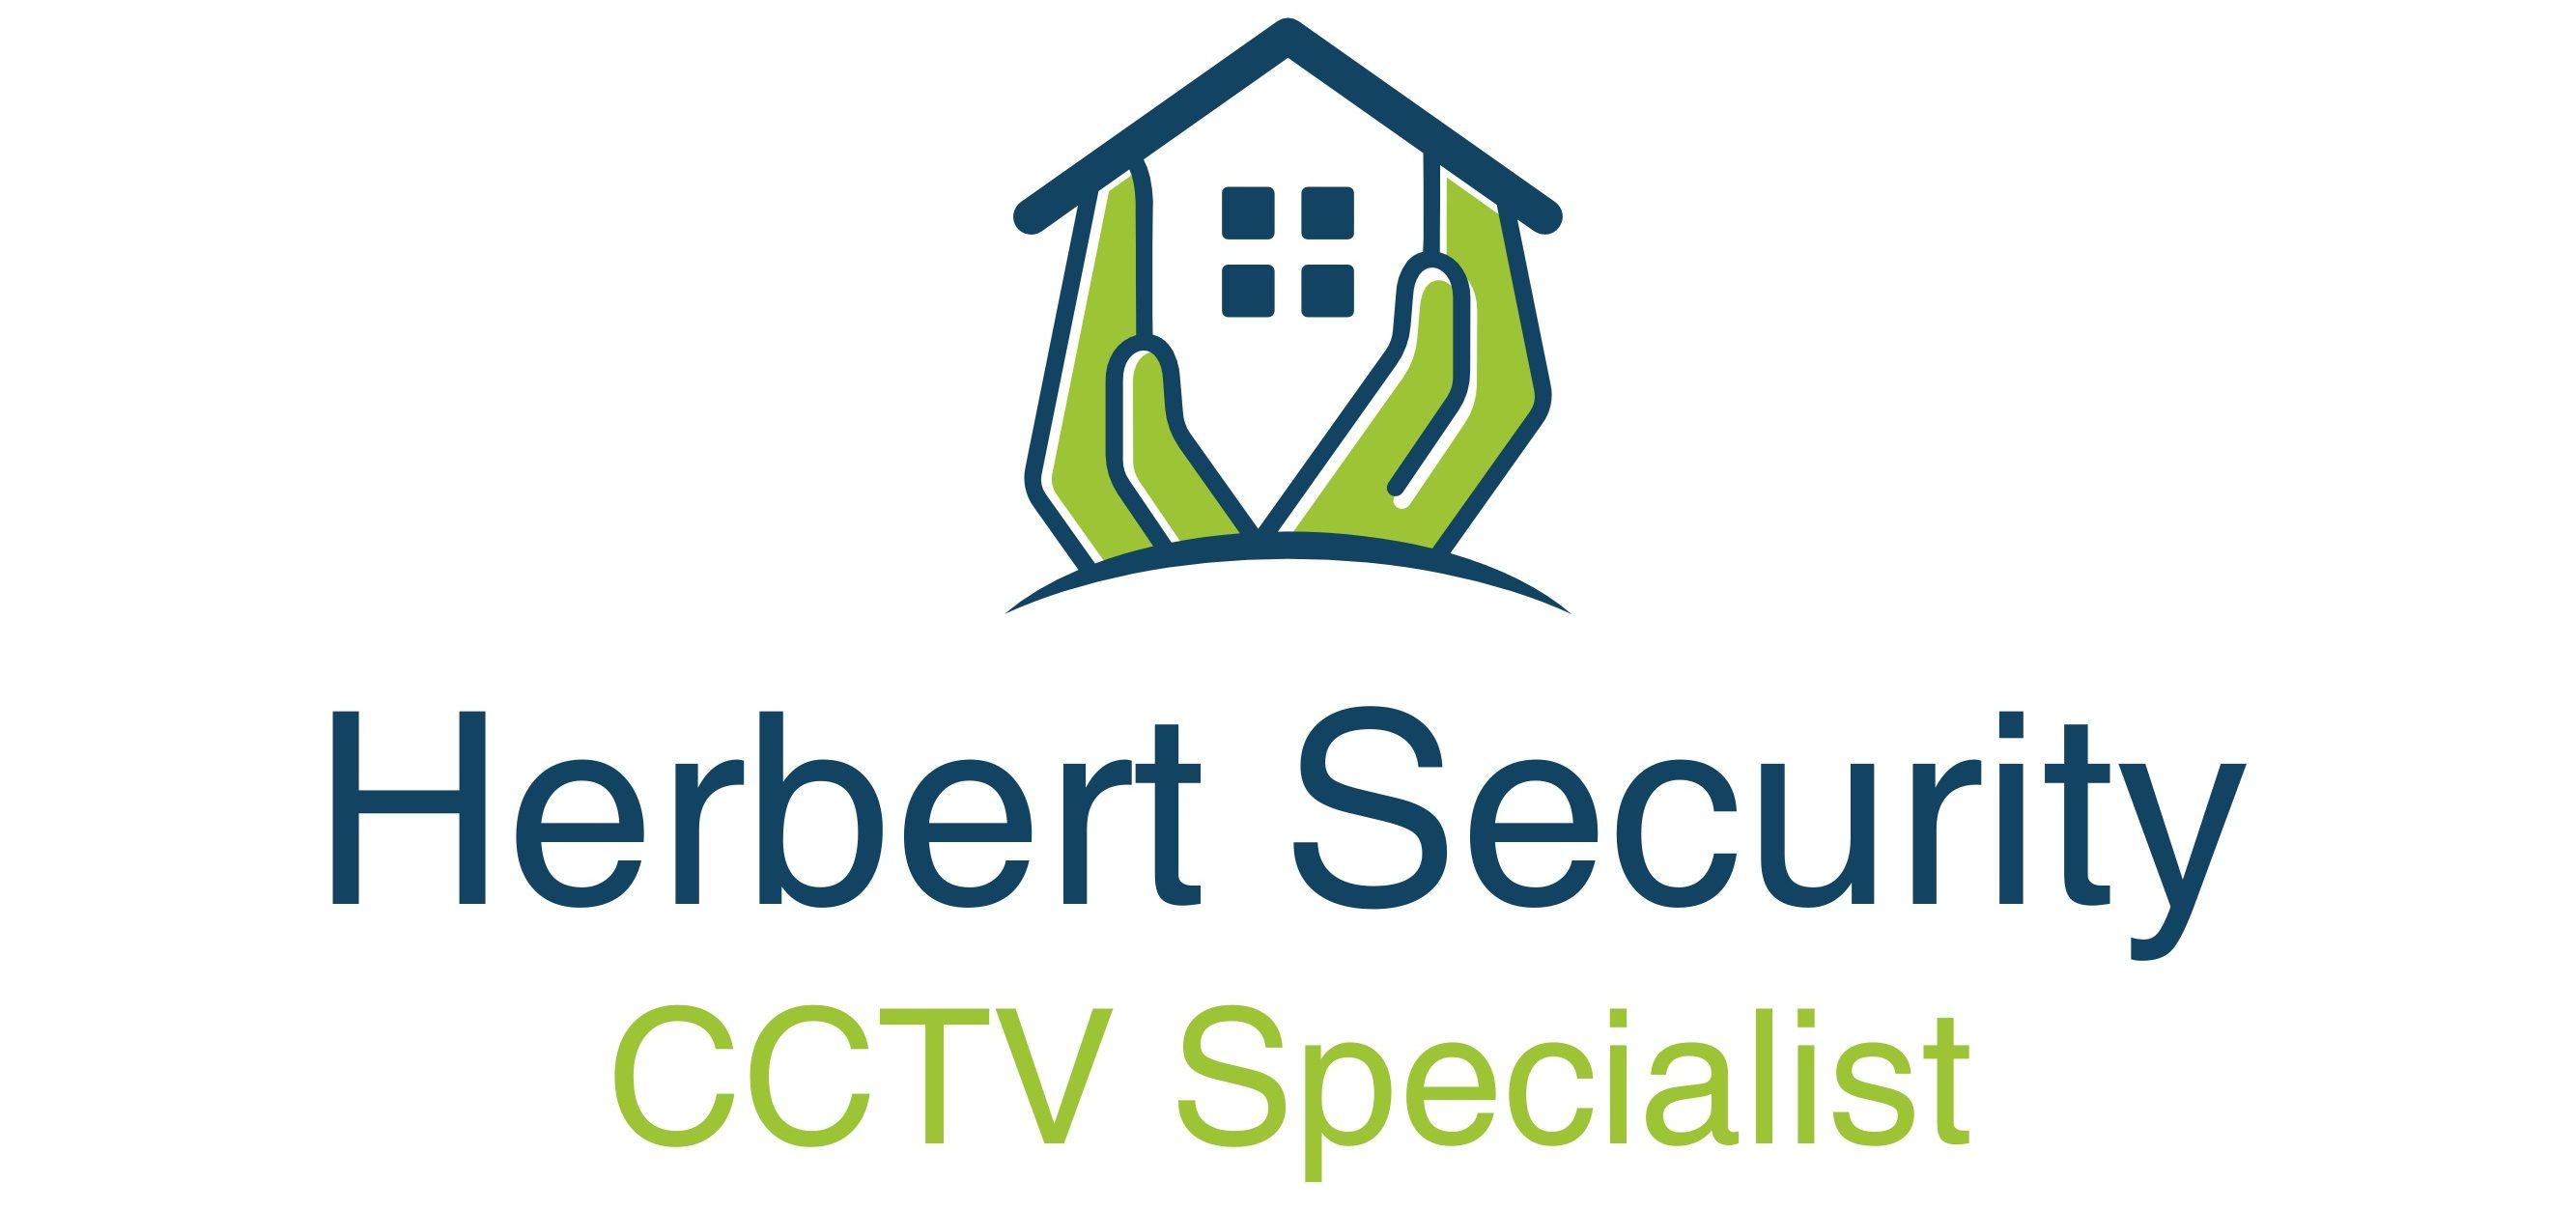 Herbert security CCTV specialist